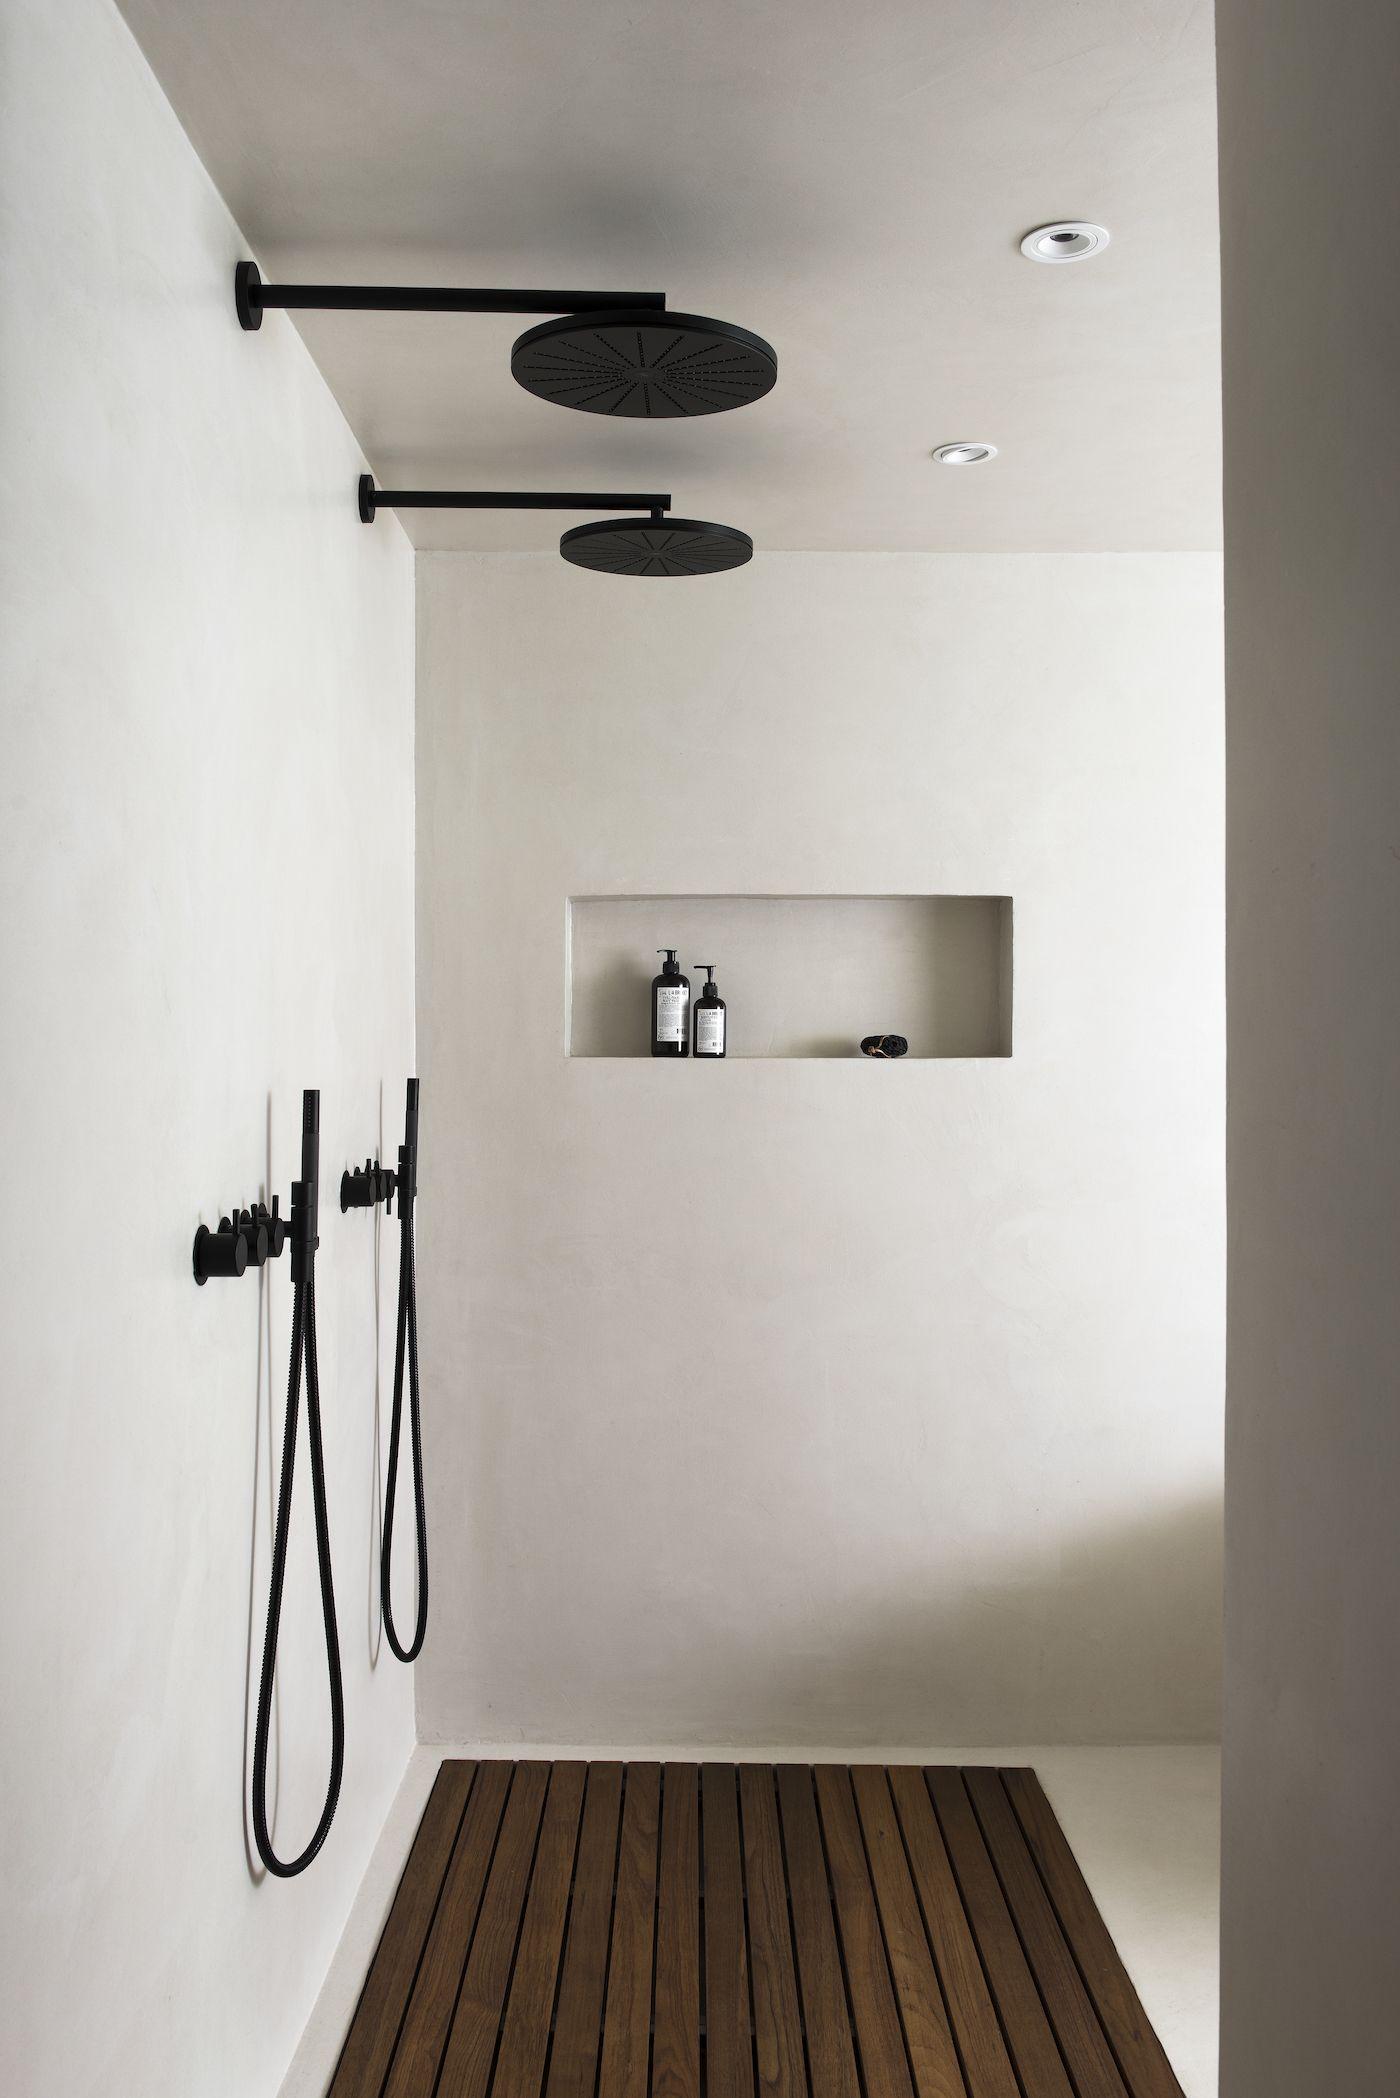 VOLA 060 round head shower in black. Interior design by Laura Seppanen. Black and white bathroom. #blackshowerhead #blacktapware #blackwhitebathrooms